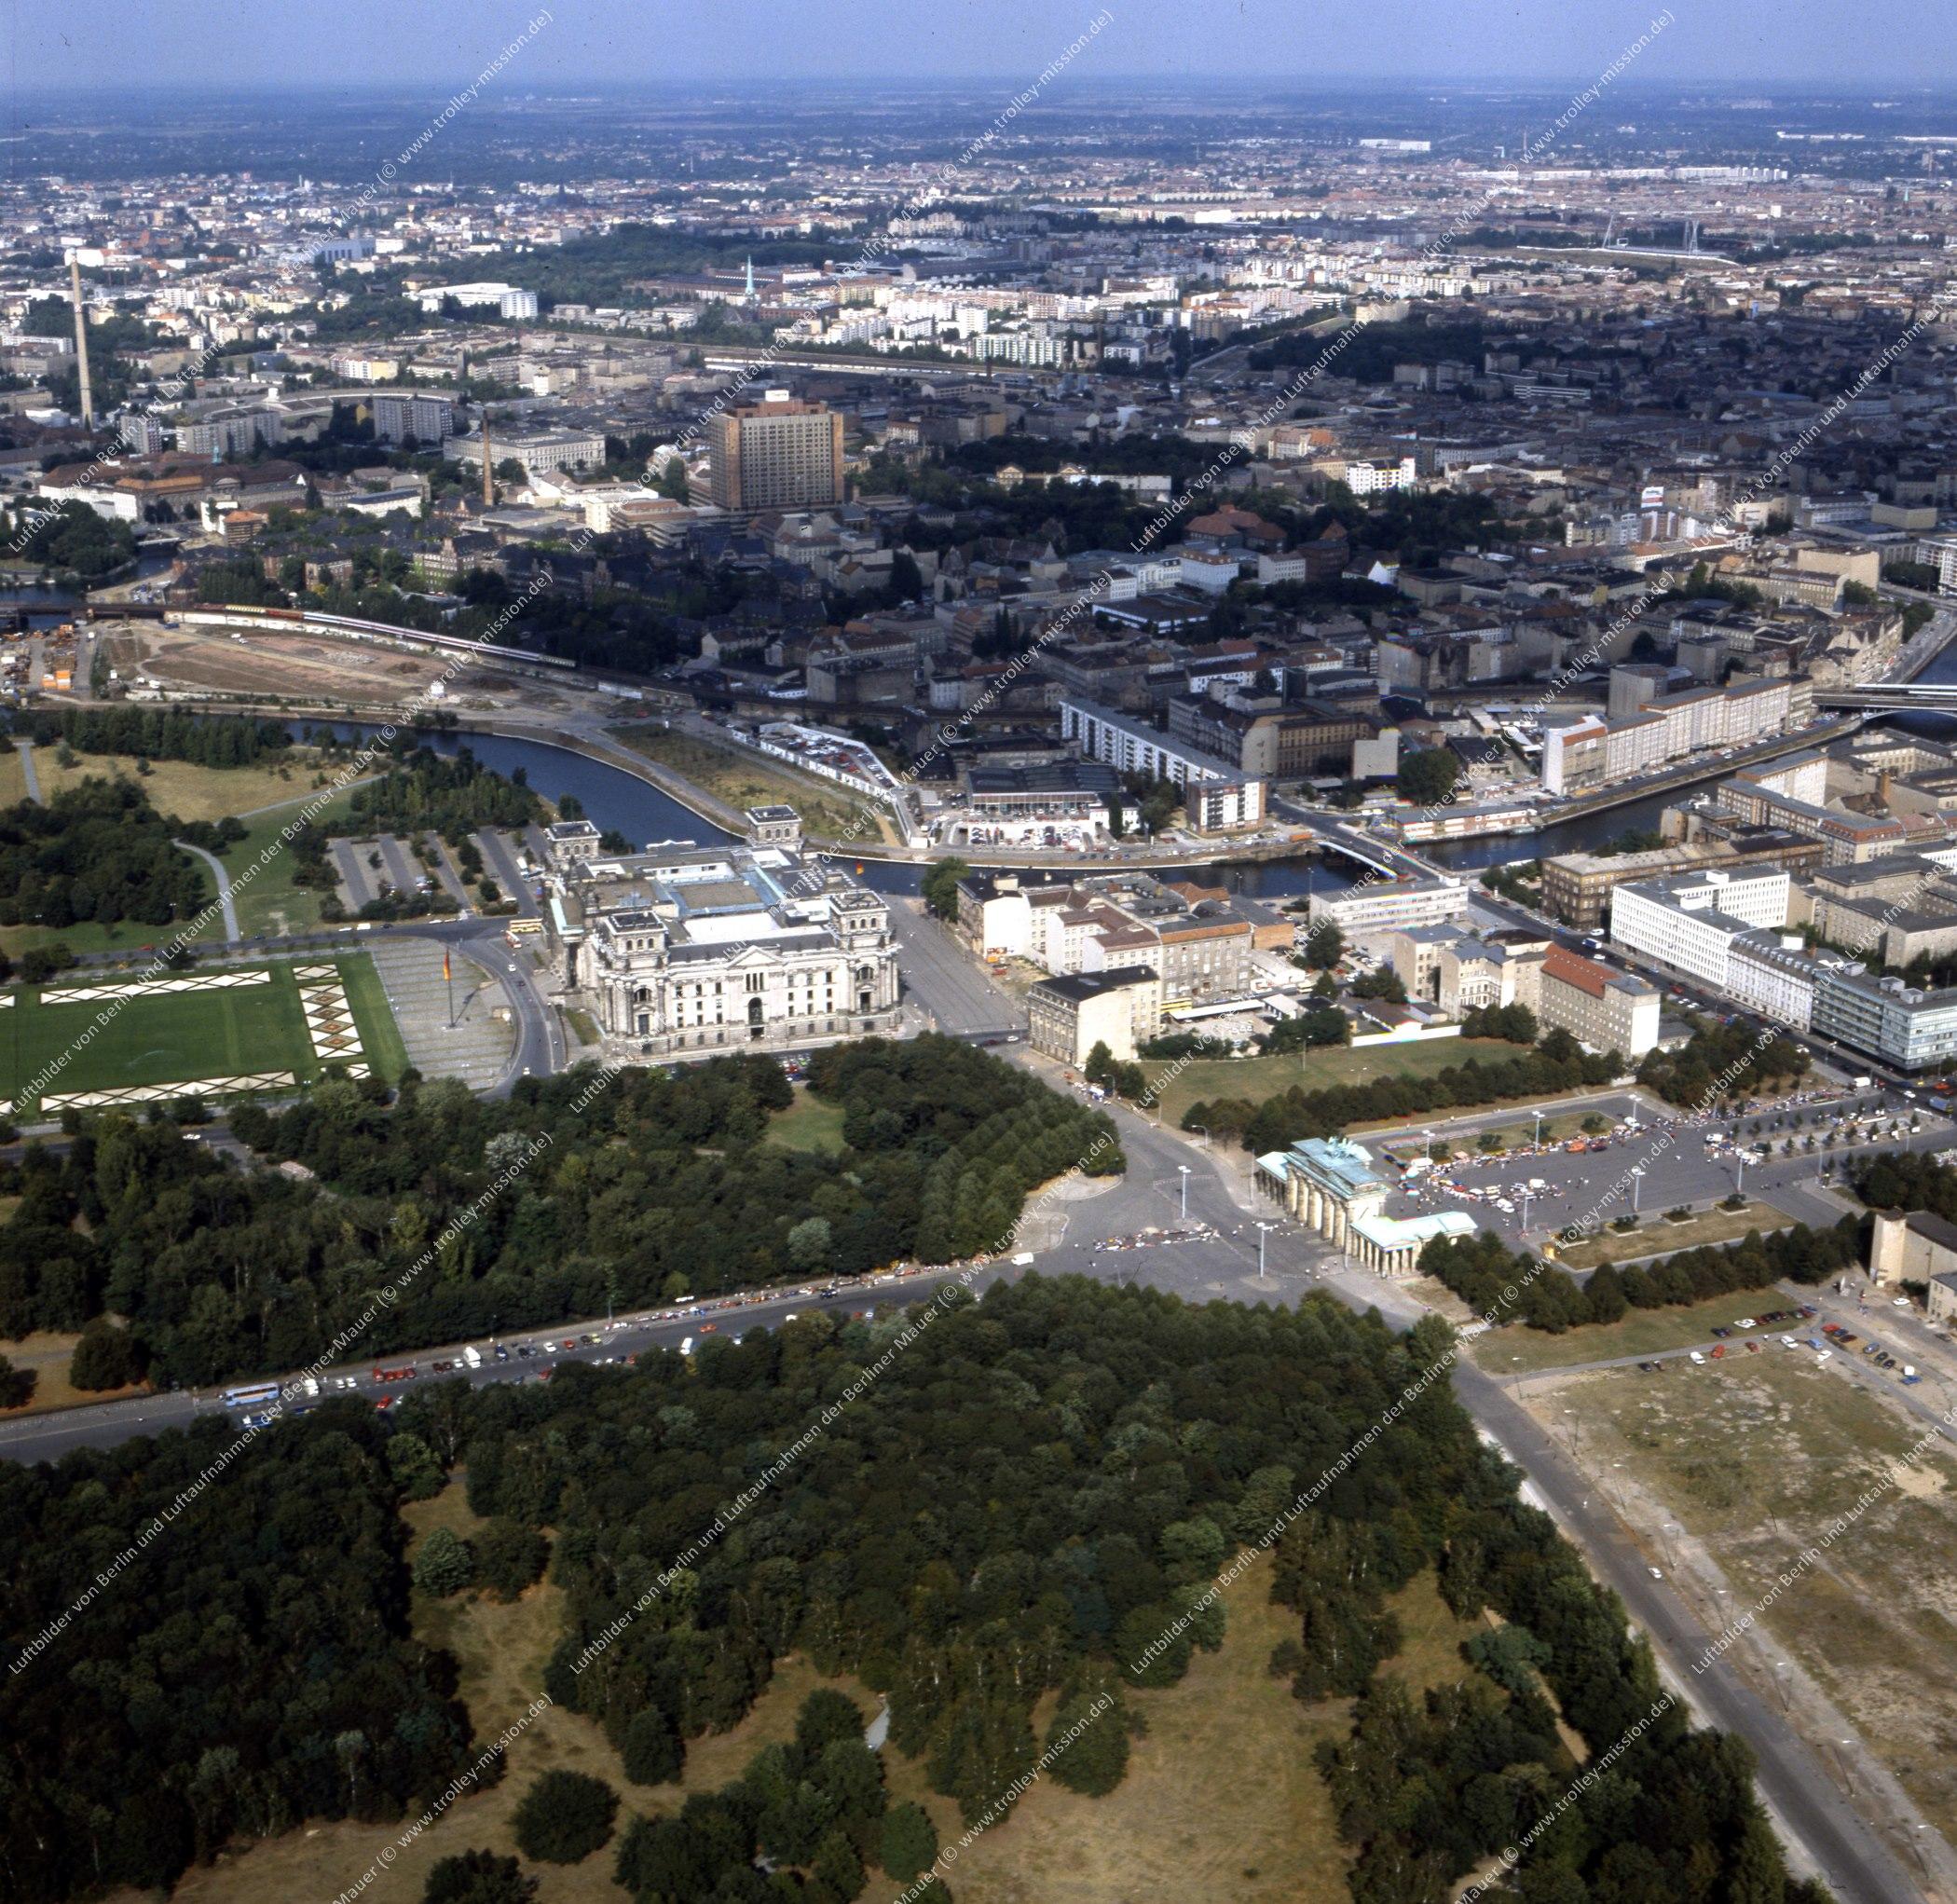 Brandenburger Tor und Reichstag - Rundflug (Luftbild) nach der deutschen Wiedervereinigung (Bild 134)